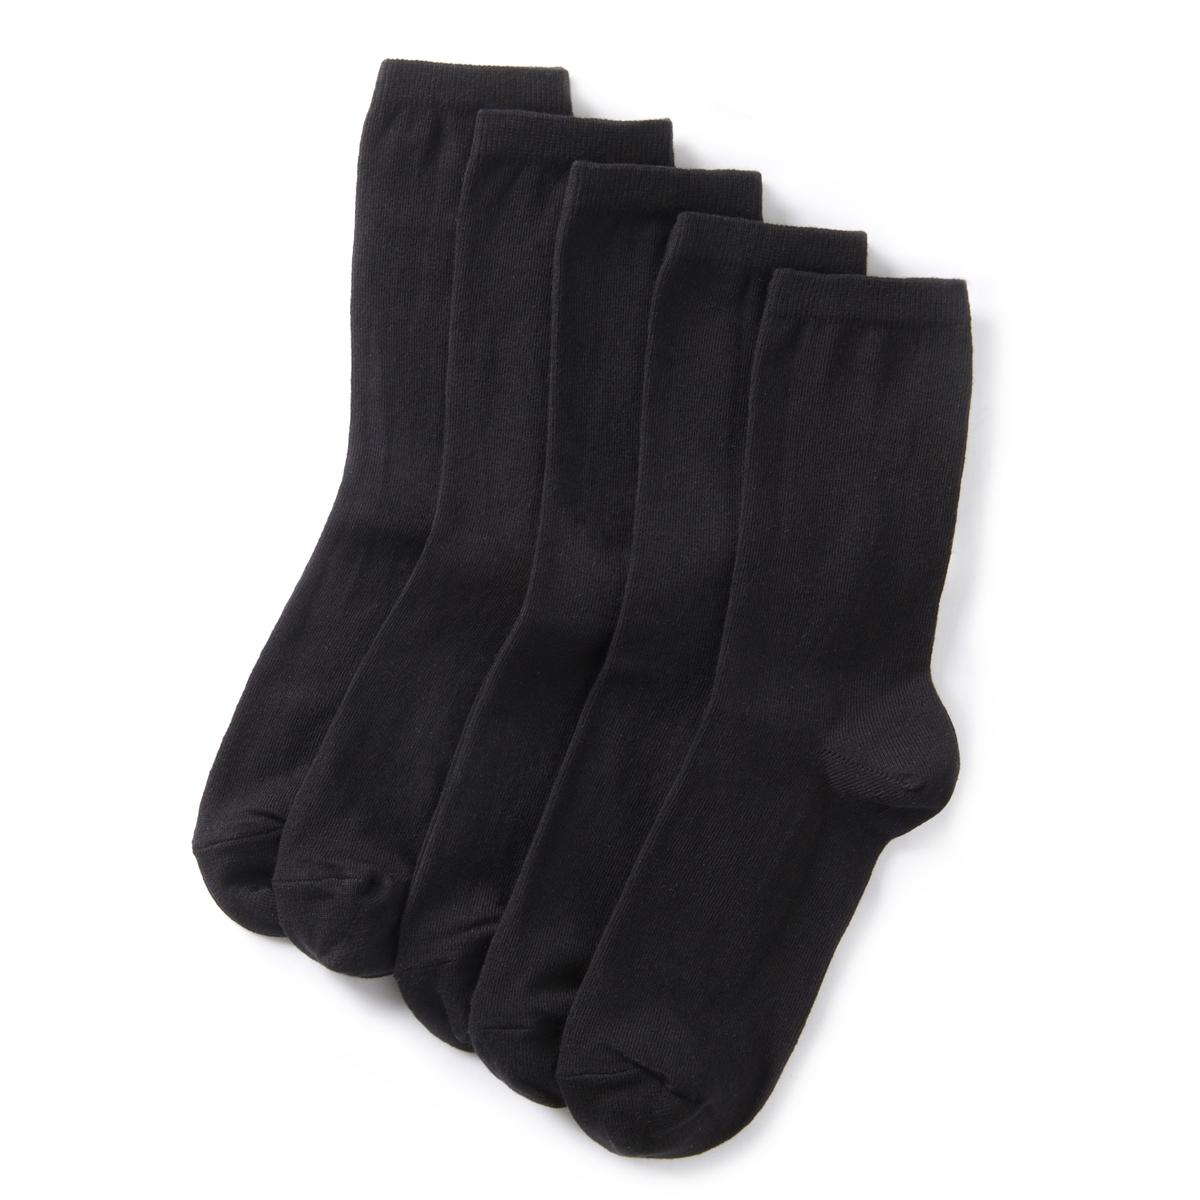 Комплект из 5 пар однотонных коротких носковКомплект из 5 пар однотонных носков  . До середины голени .Детали •  5 пар однотонных носков .Характеристики   •  До середины голени.Состав и уход •  76% хлопка, 23% полиамида, 1% эластана  •  Машинная стирка при 30°, на умеренном режиме  •  Стирать с вещами подобного цвета<br><br>Цвет: черный